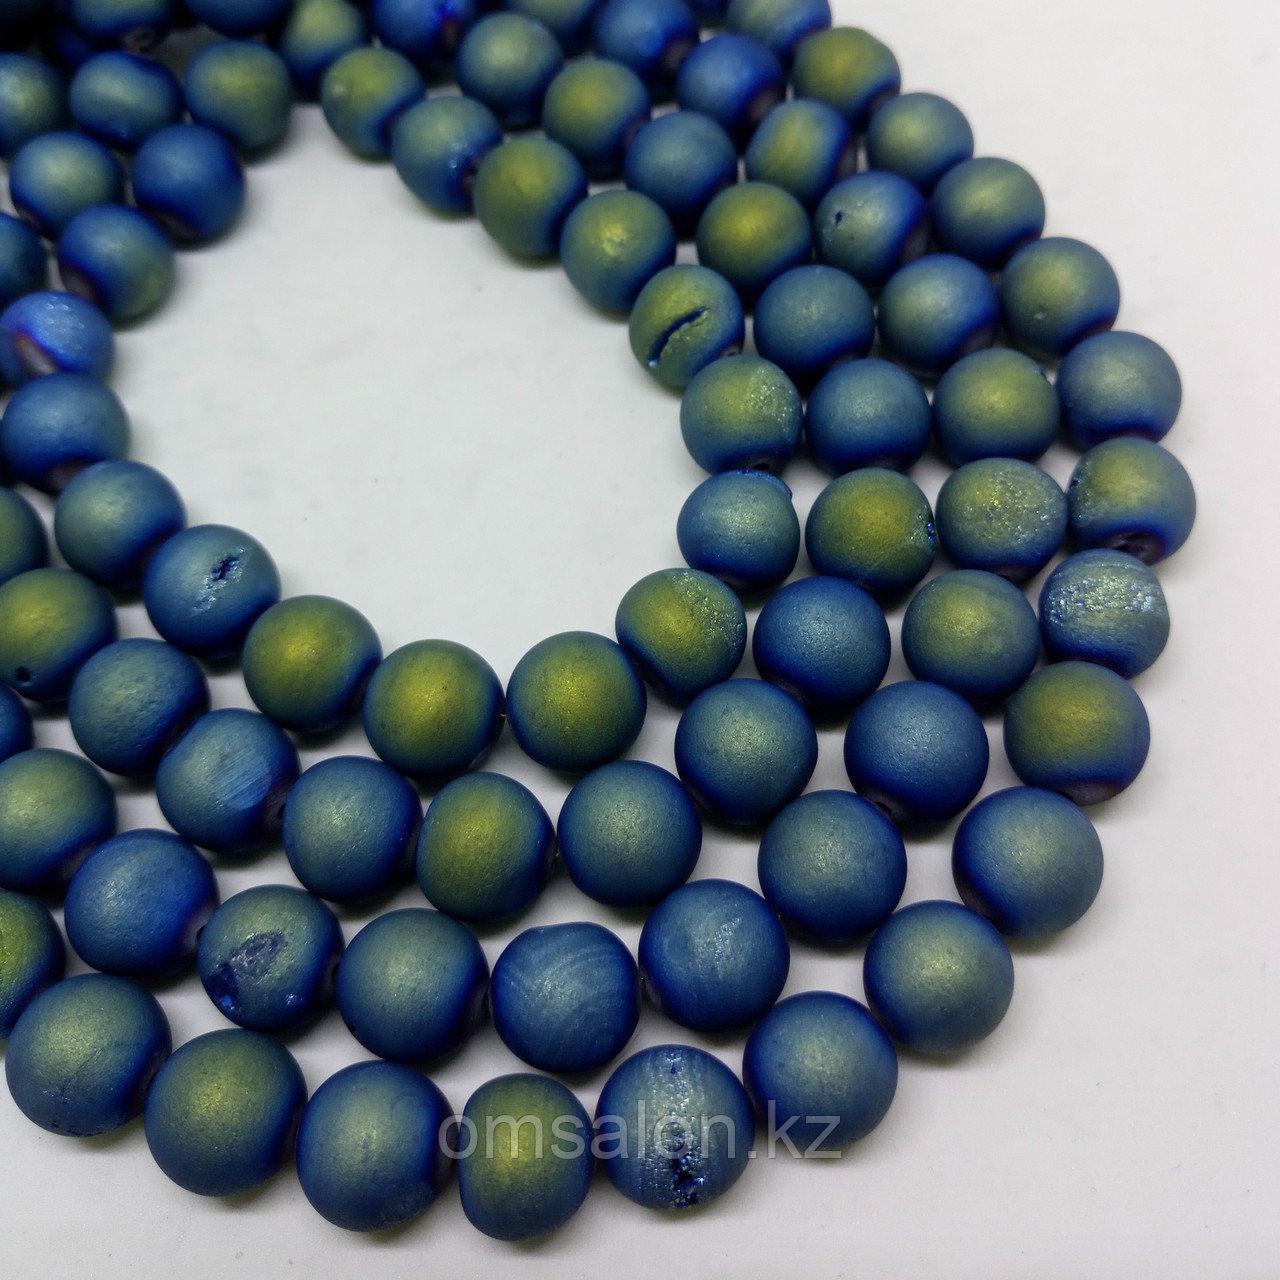 Агат голубой матовый с бензин. напылением 10 мм